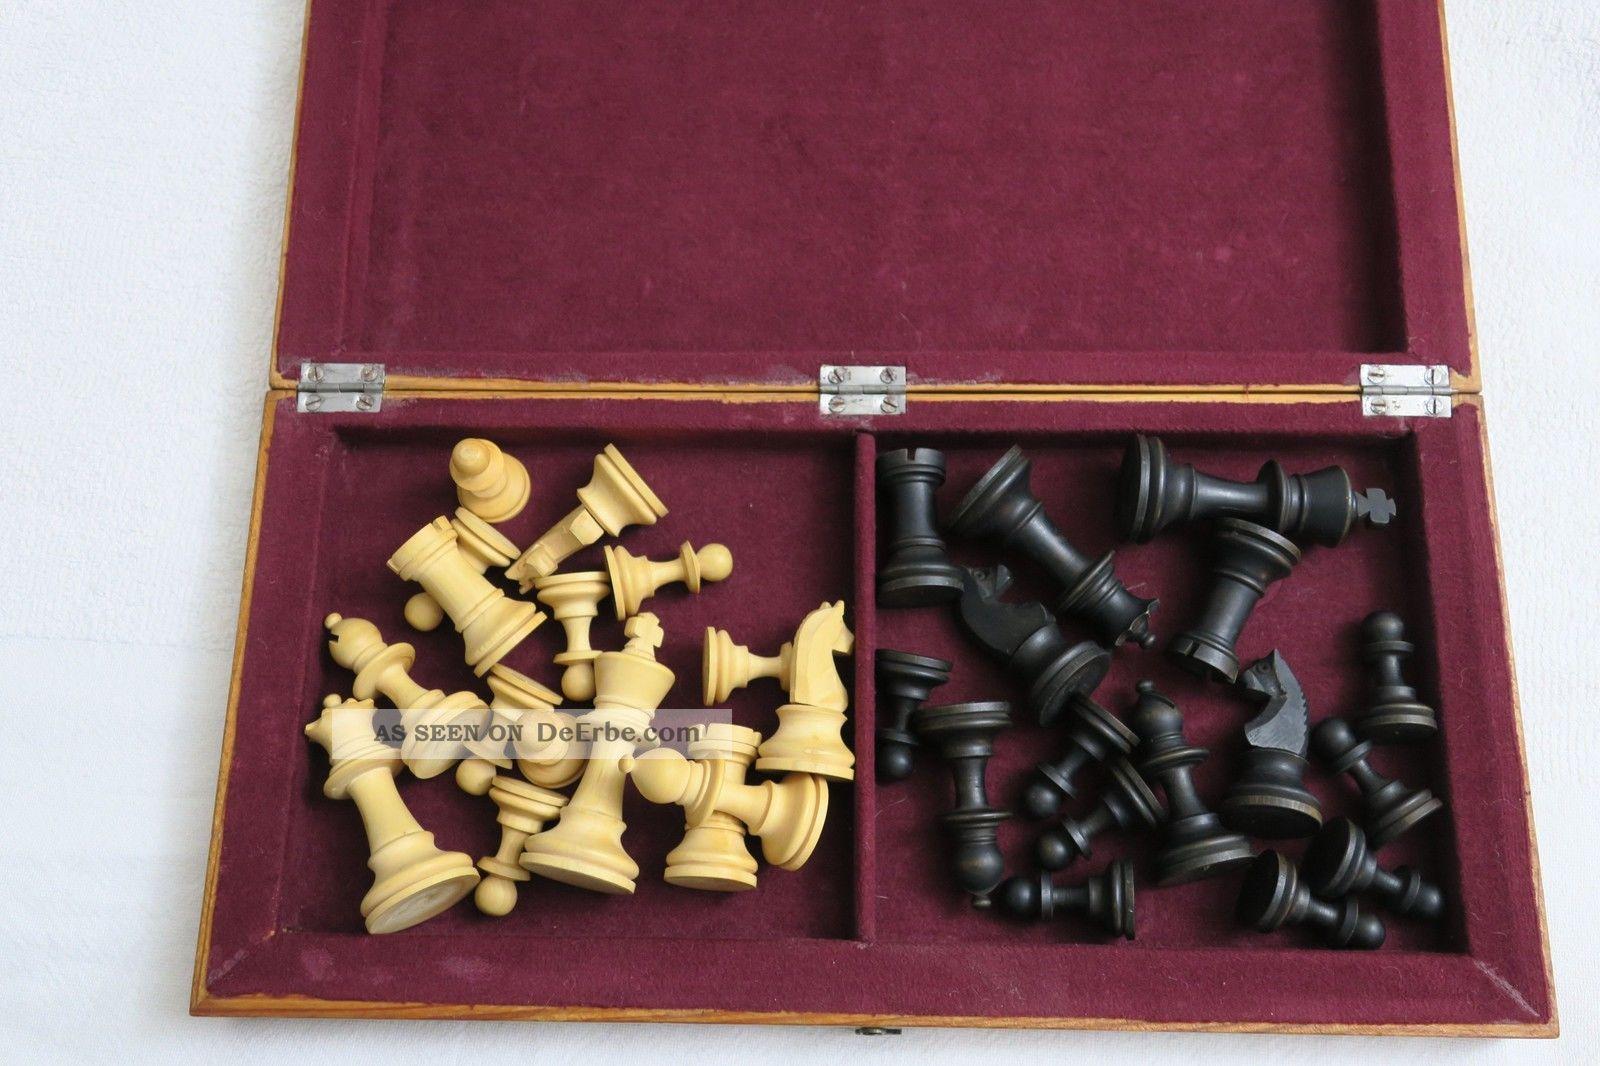 altes holz schachspiel klapp brett schatulle das holz ist pflegebed rftig. Black Bedroom Furniture Sets. Home Design Ideas